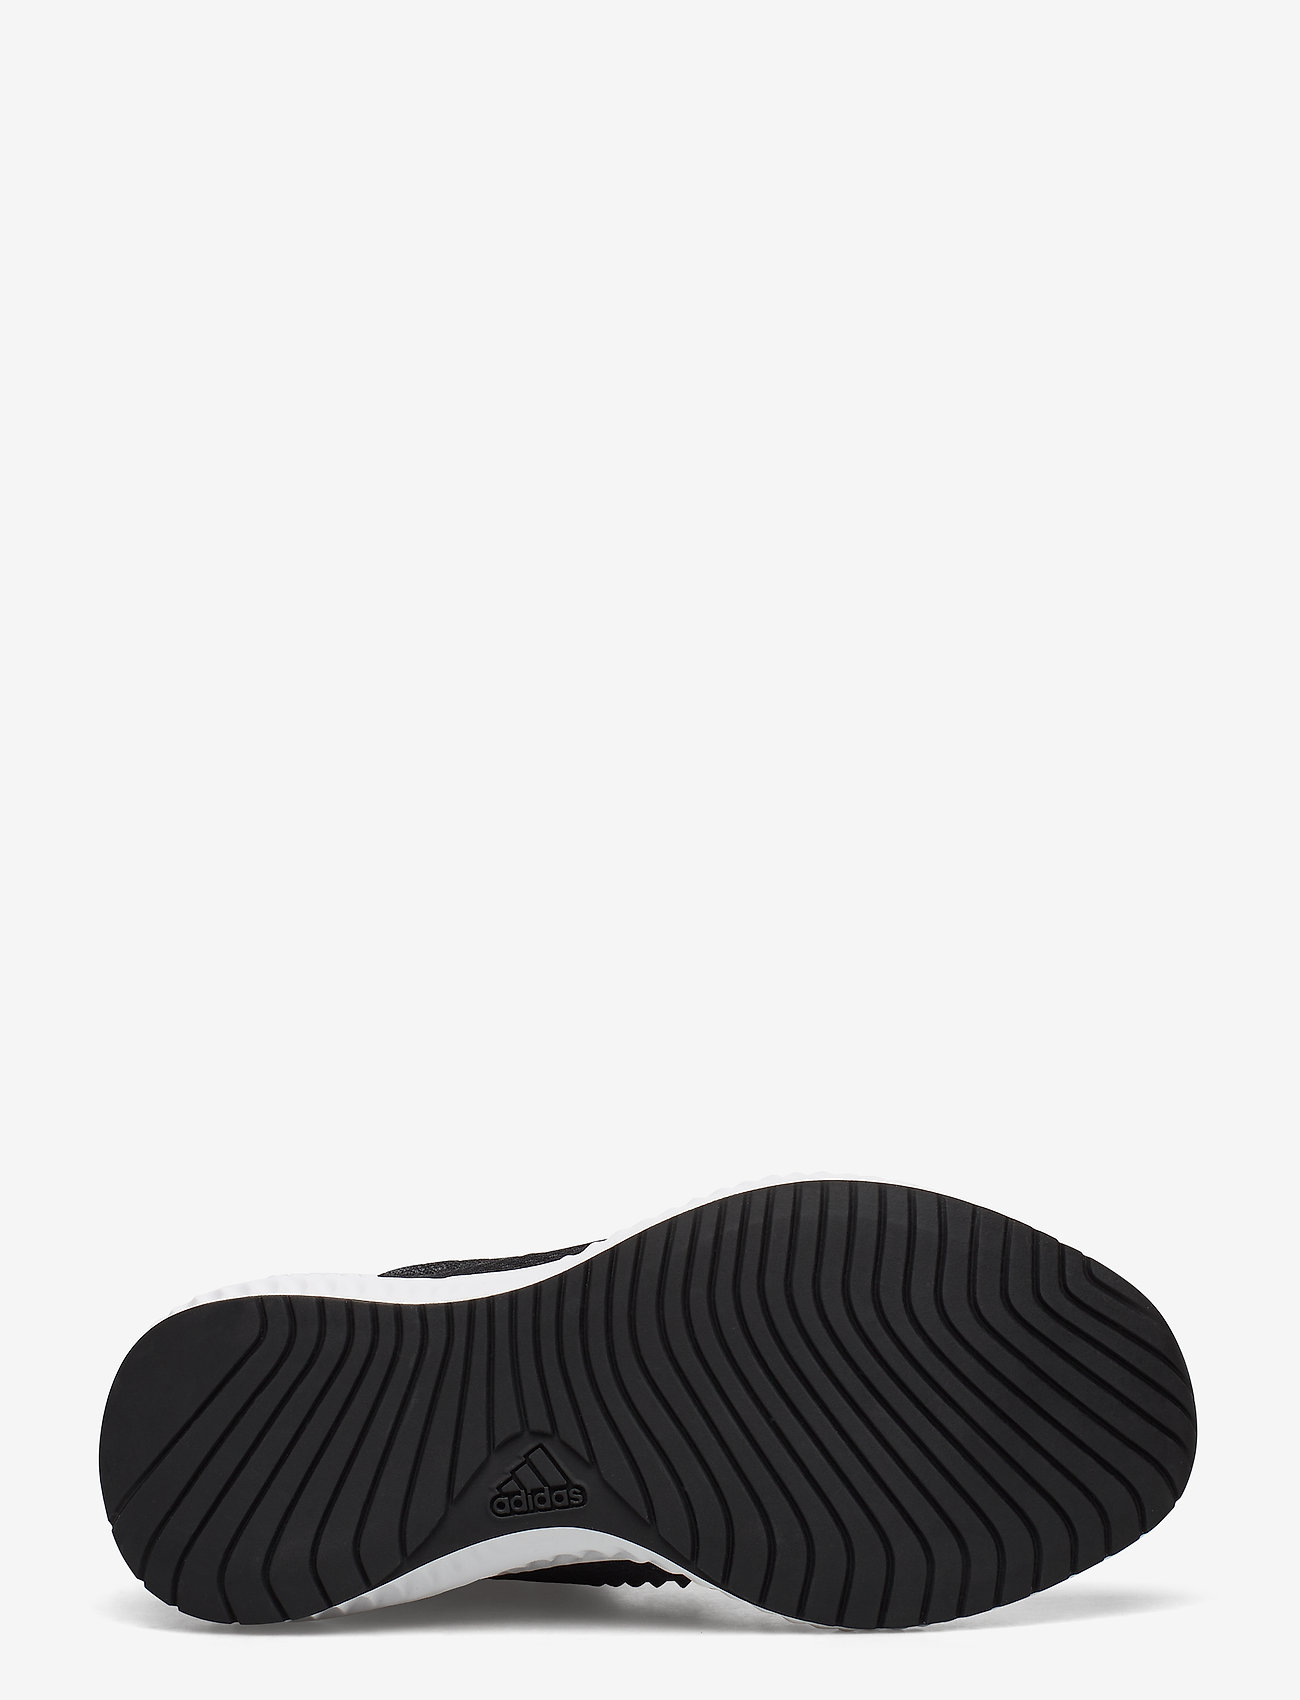 Alphabounce 3 (Cblack/silvmt/cblack) - adidas Performance JJUxiT